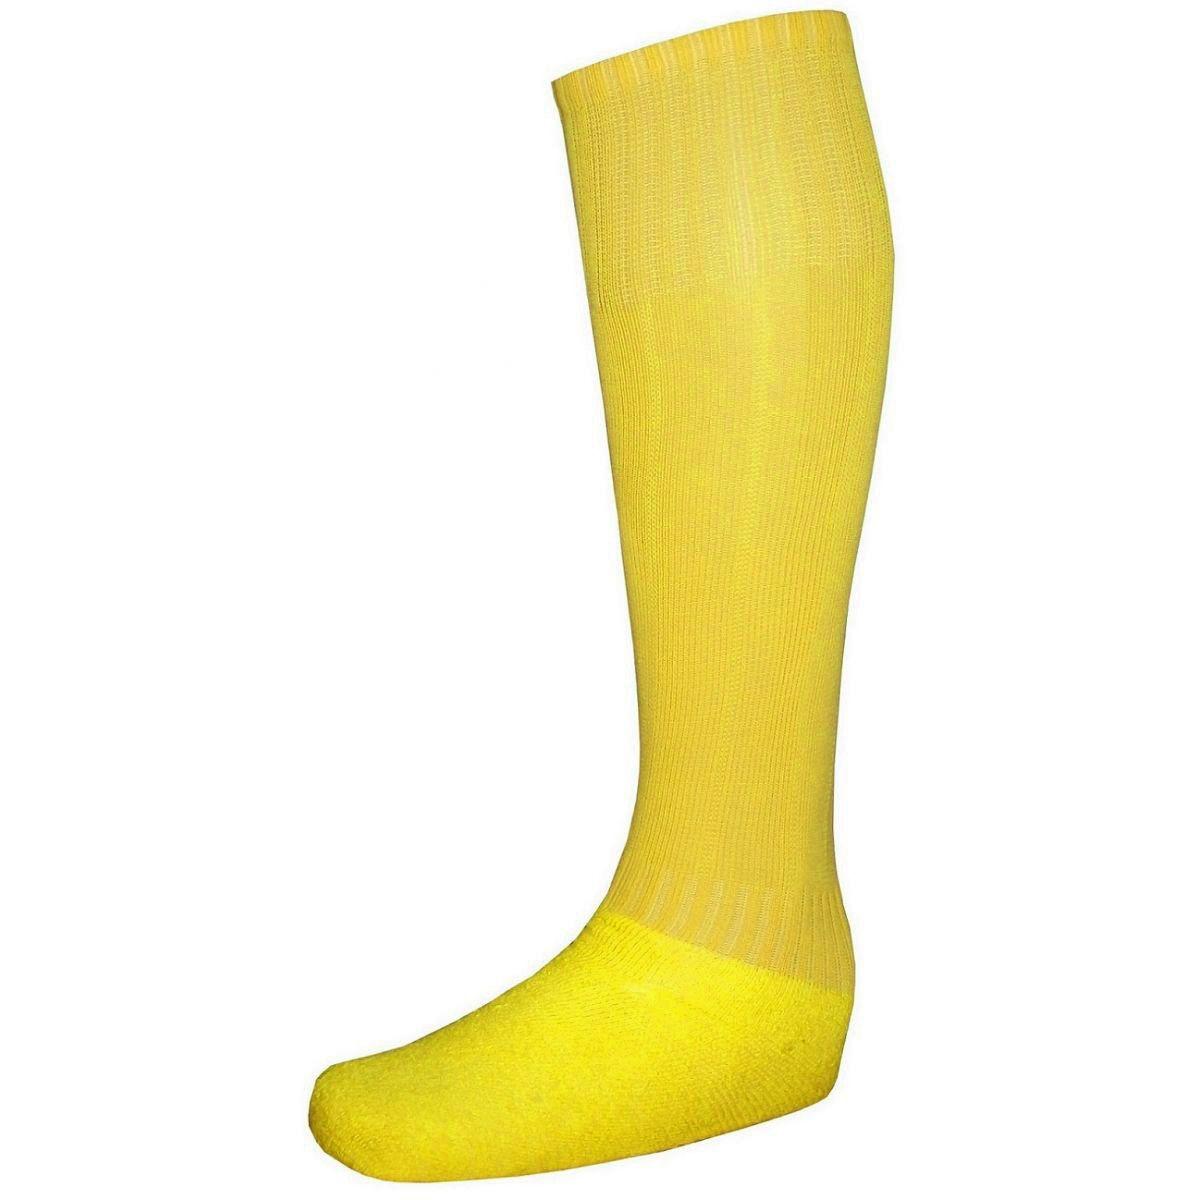 Uniforme Esportivo com 18 camisas modelo City Laranja/Amarelo + 18 calções modelo Madrid Amarelo + 18 pares de meiões Amarelo